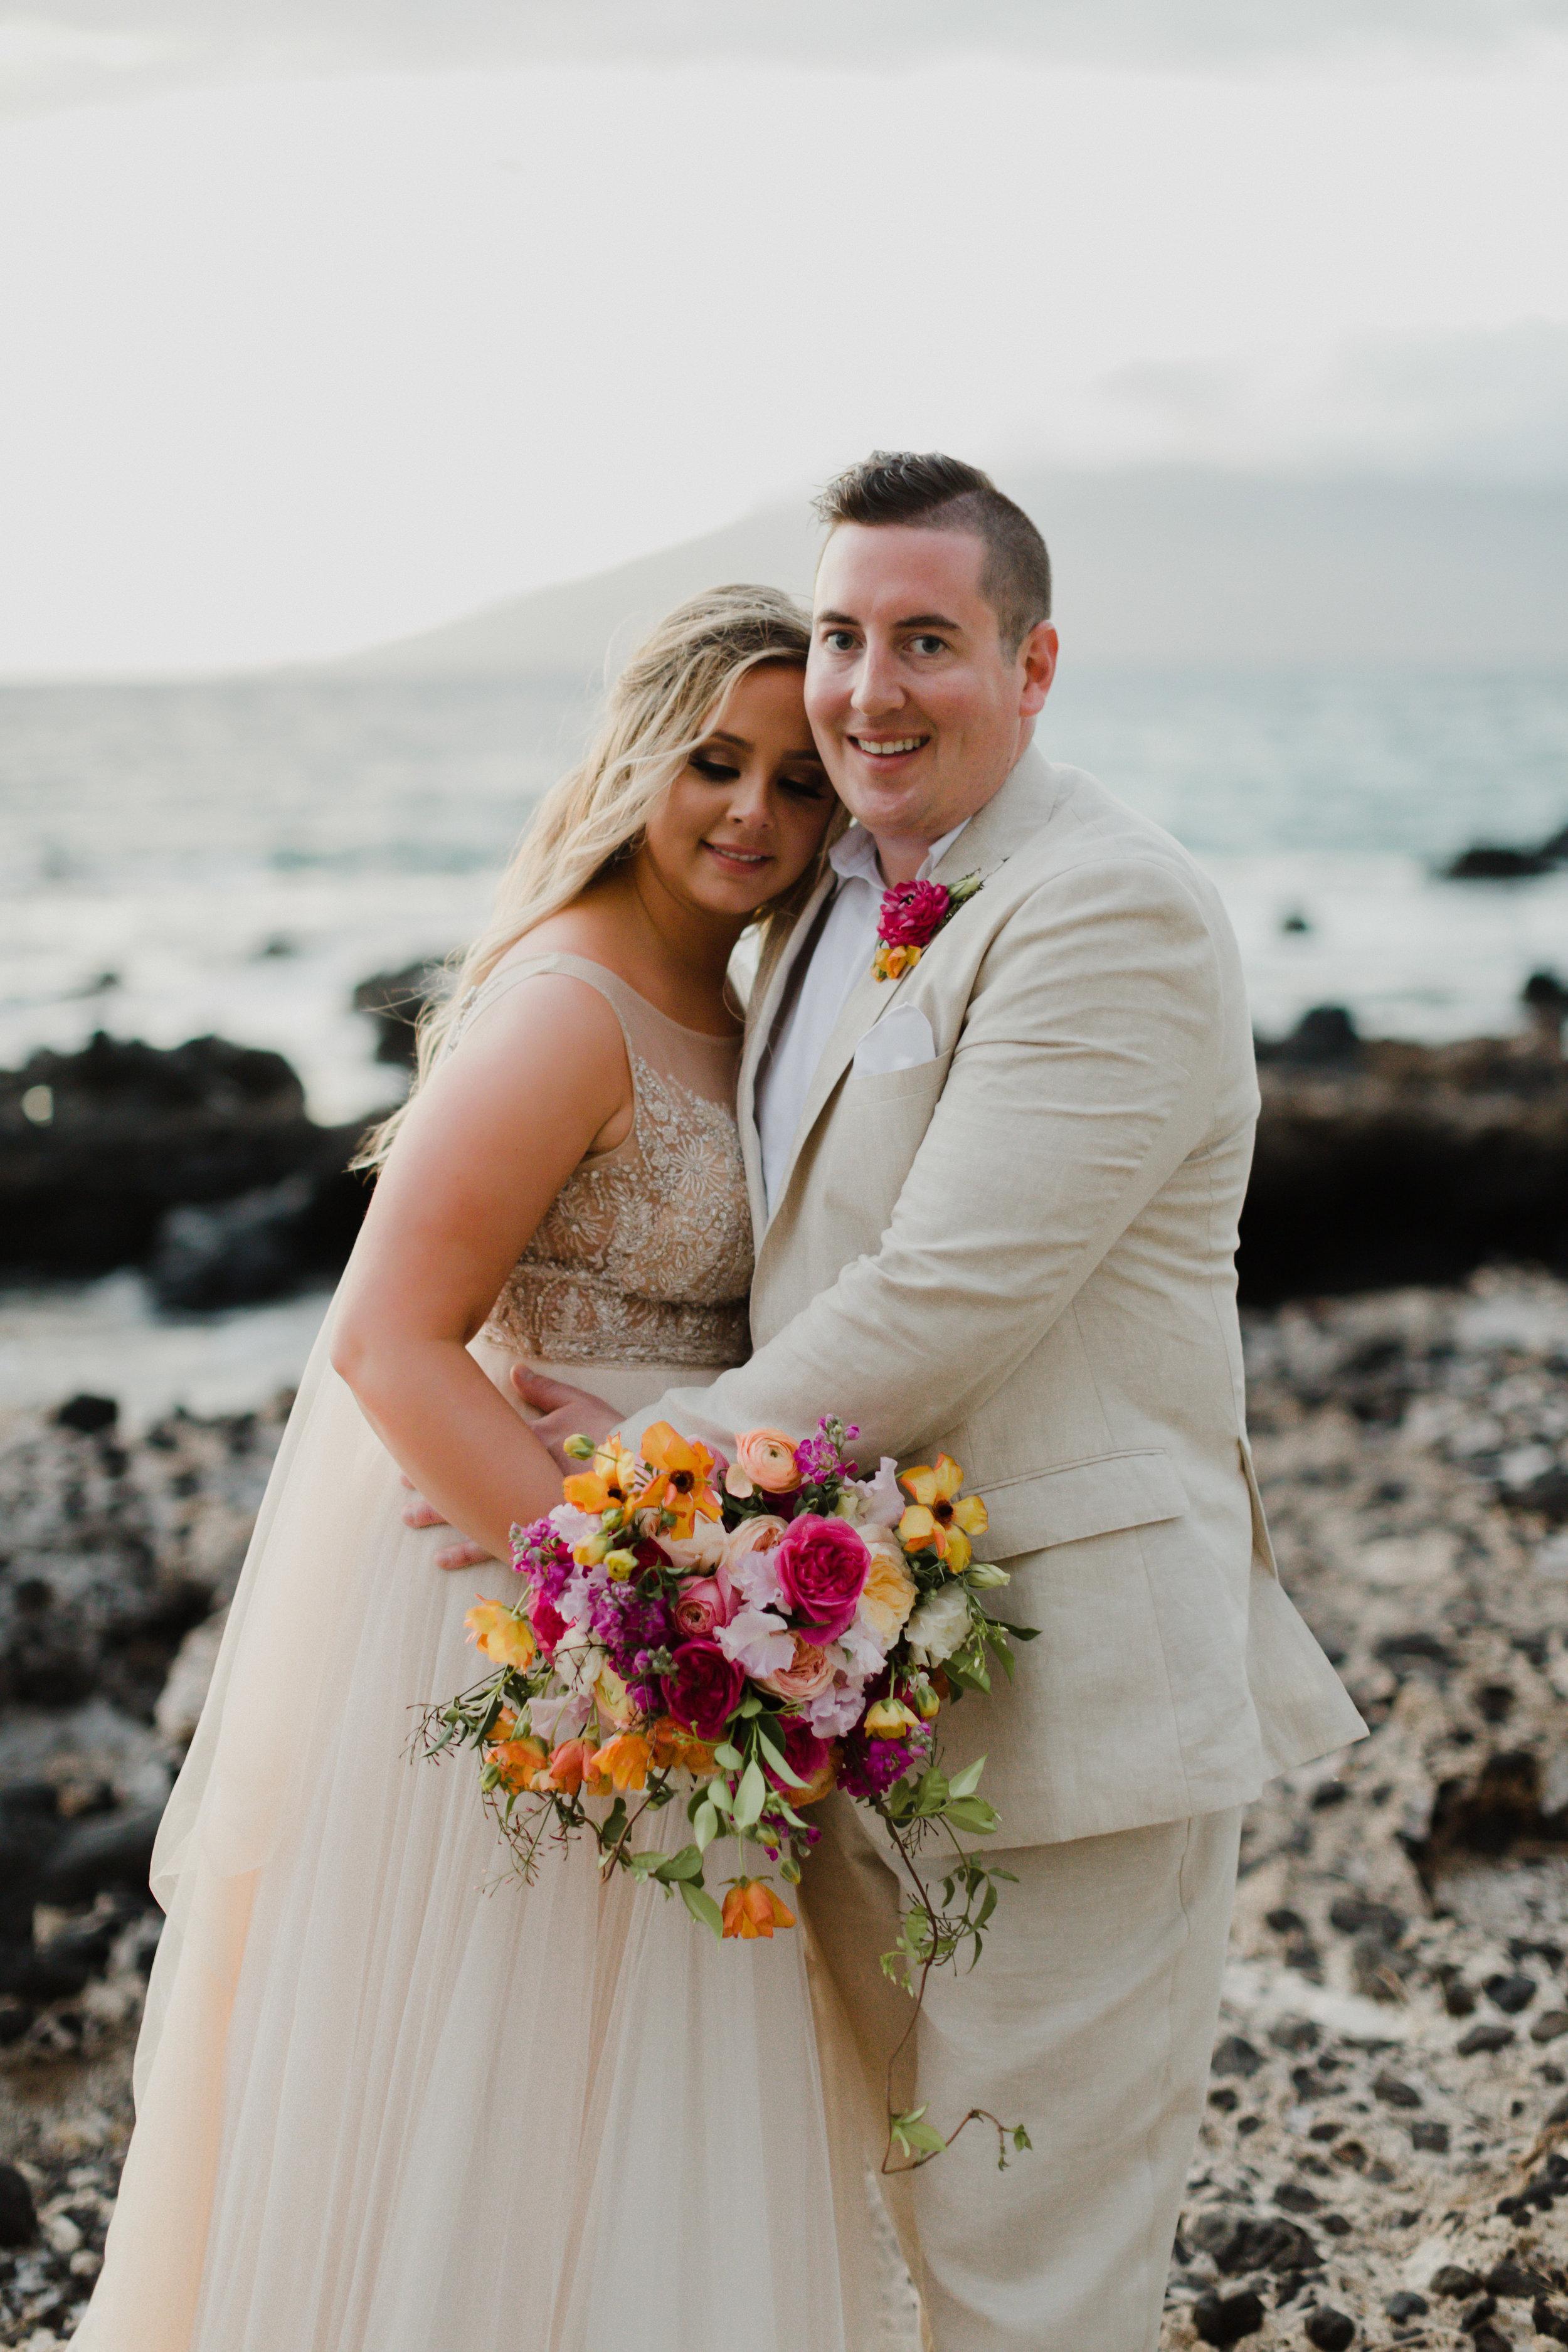 Stephanie-Betsill-Photography-Maui-Photographer-Hawaii-Wedding-Photographer--32.jpg